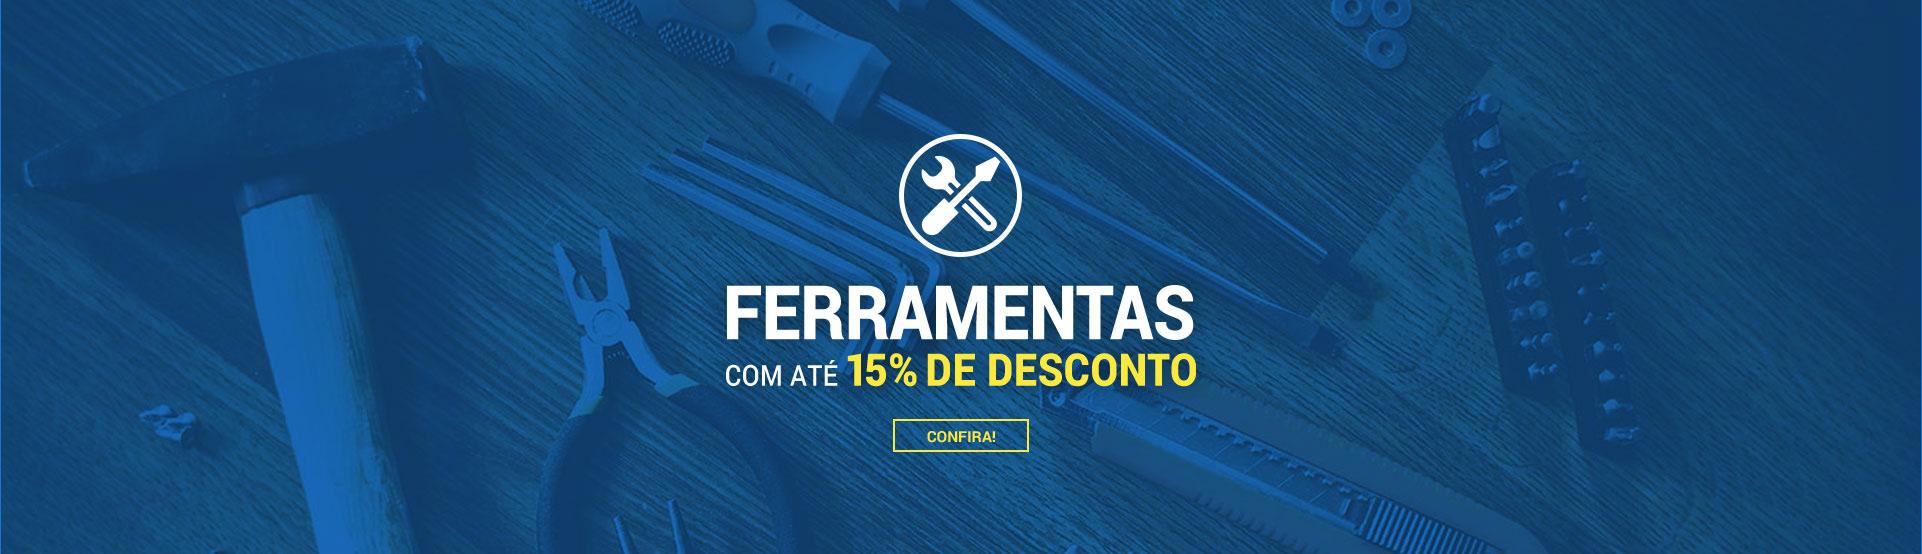 Ferramentas com até 15% de Desconto - CONFIRA!